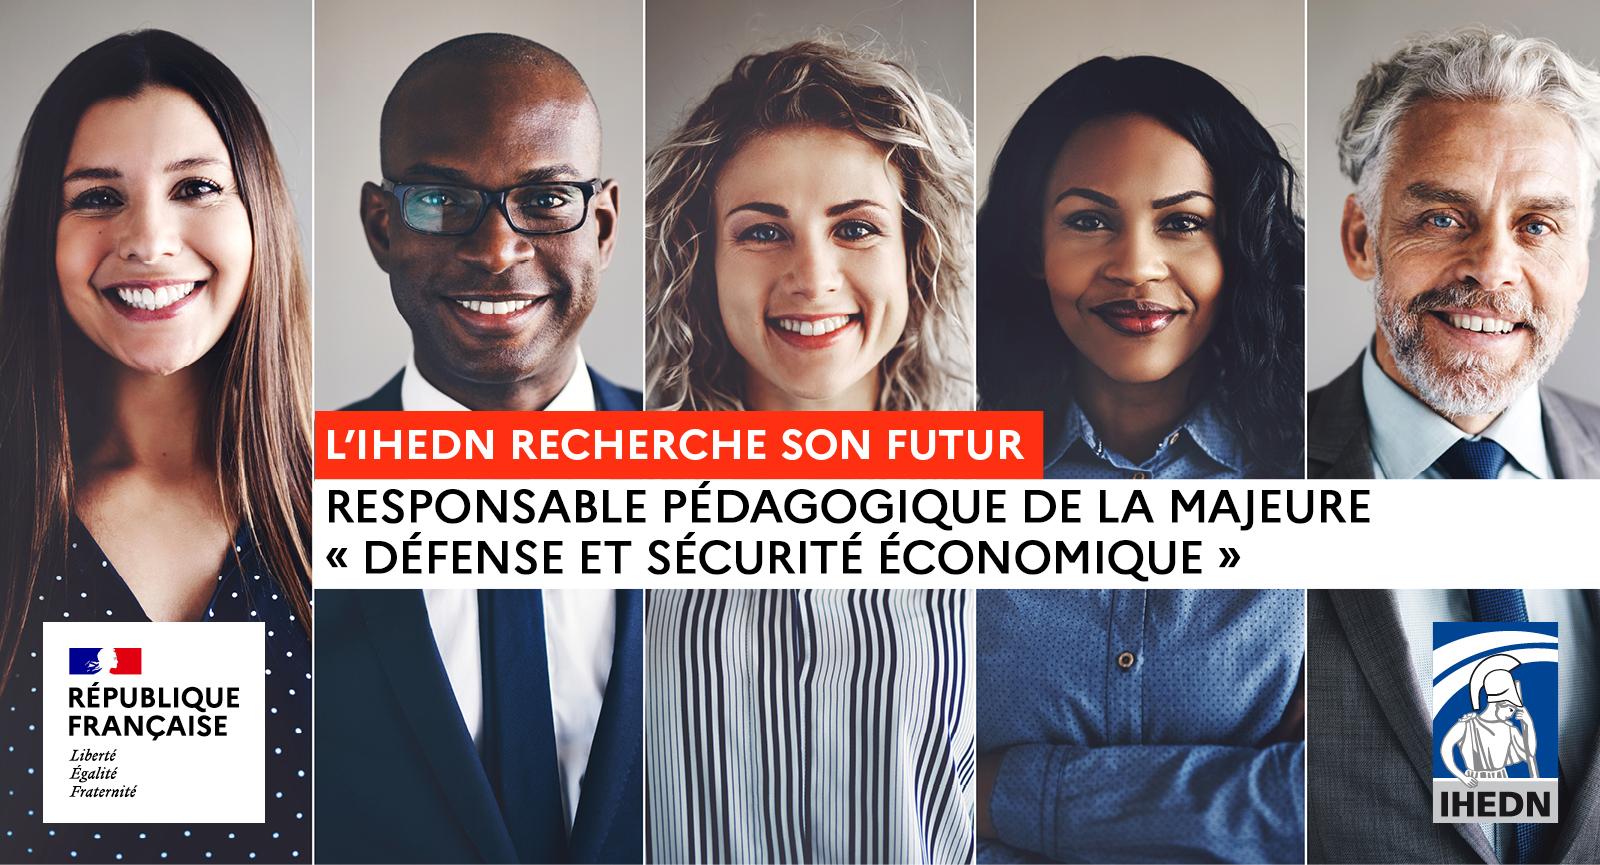 Responsable pédagogique de la majeure « Défense et sécurité économique »